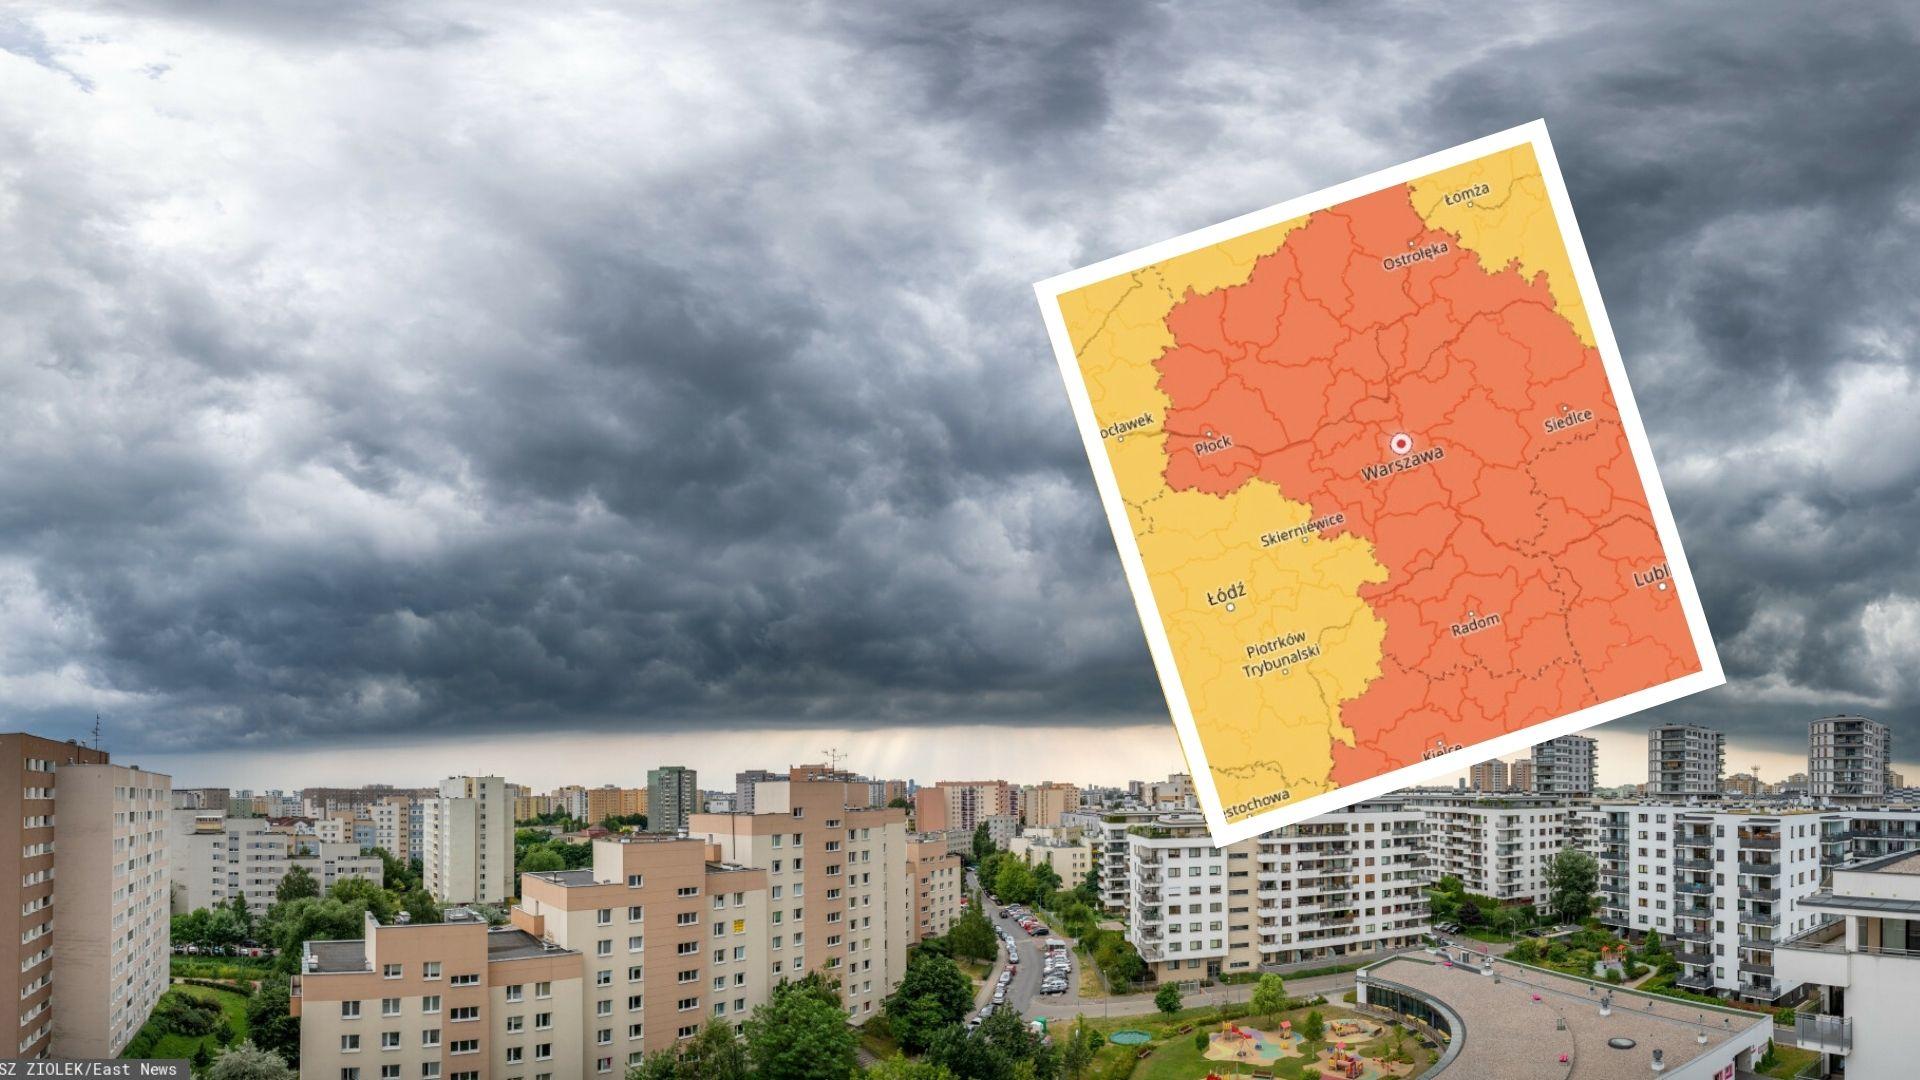 Prognoza pogody na nadchodzący tydzień ponownie przynosi ze sobą burze i upały